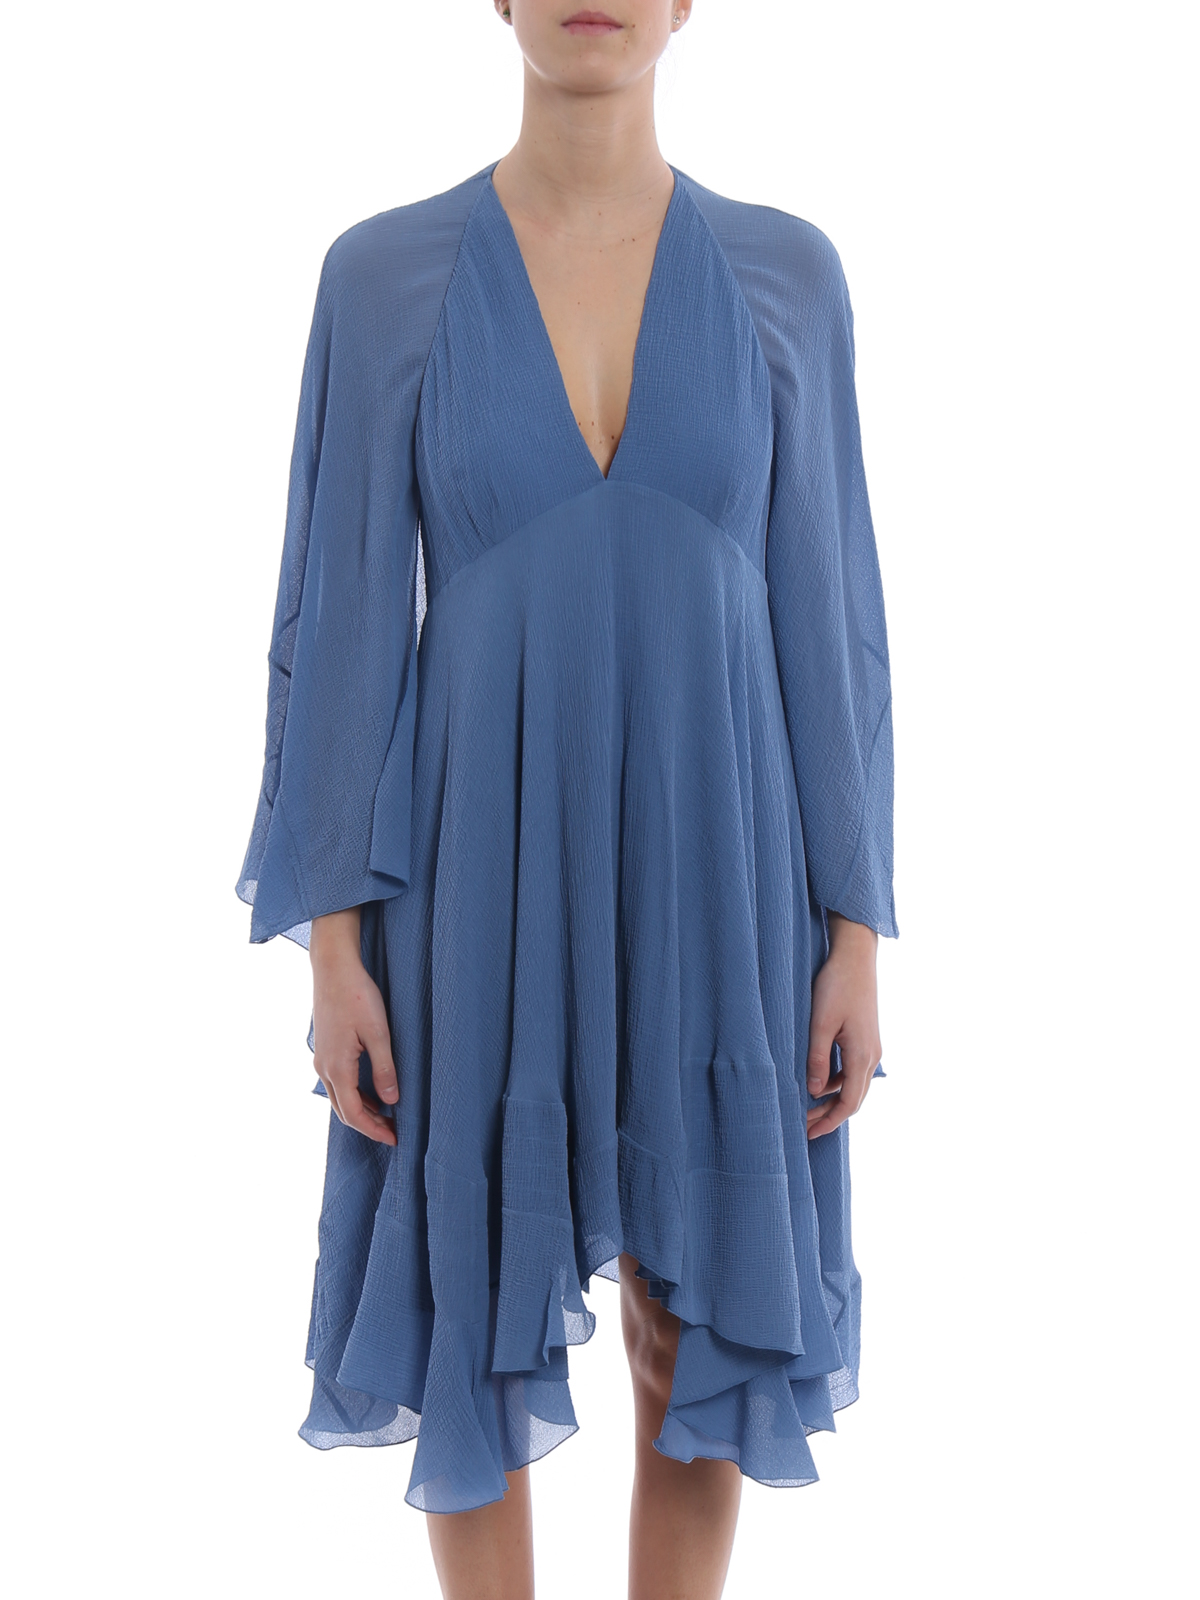 chloe' - kurzes kleid - hellblau - kurze kleider